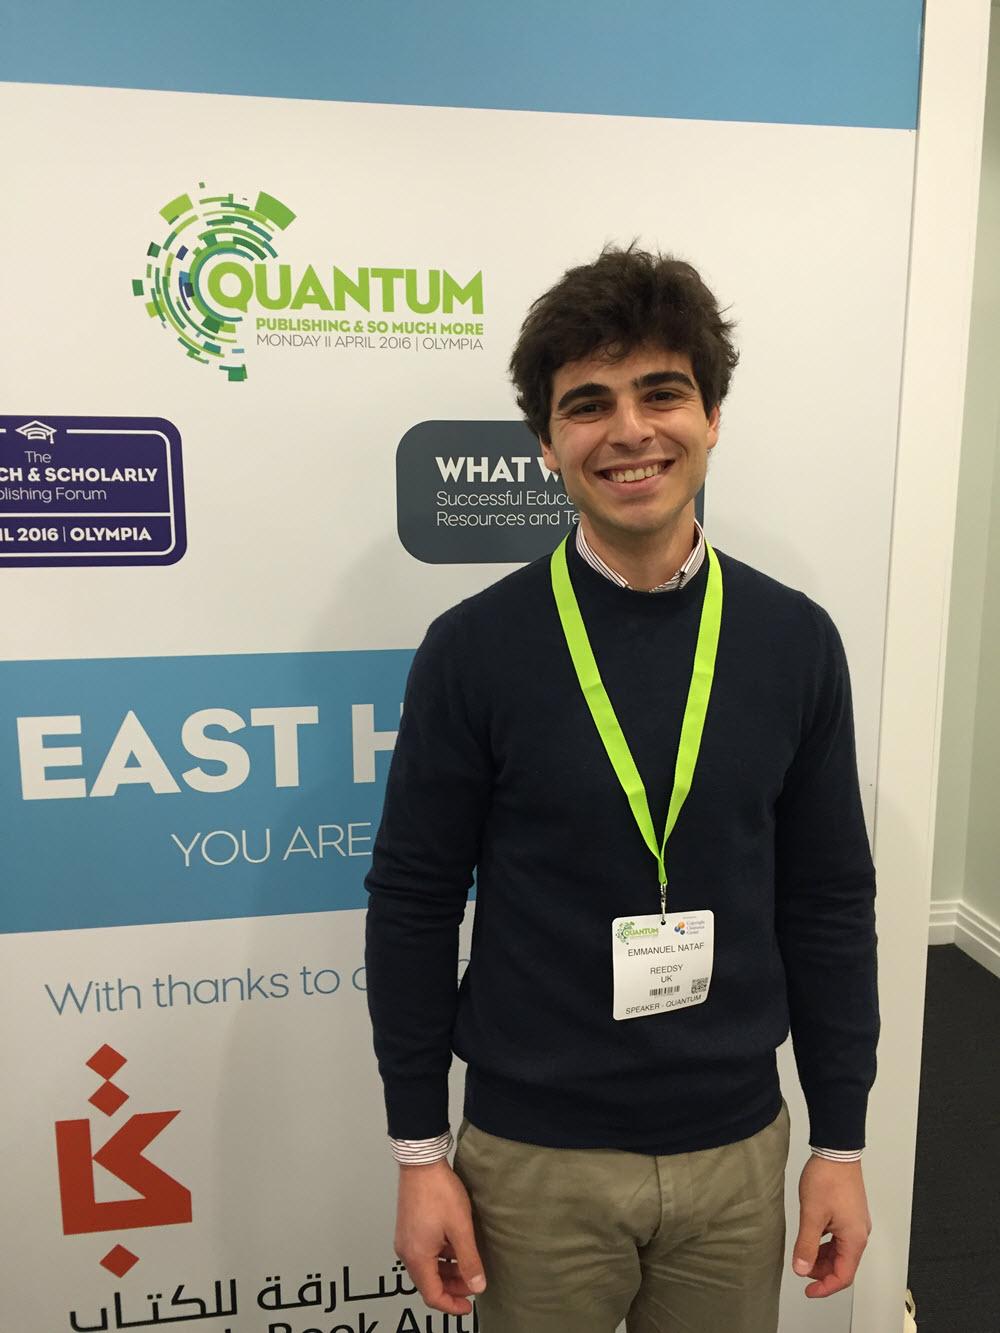 Reedsy CEO Emmanuel Nataf. Image: Alastair Horne